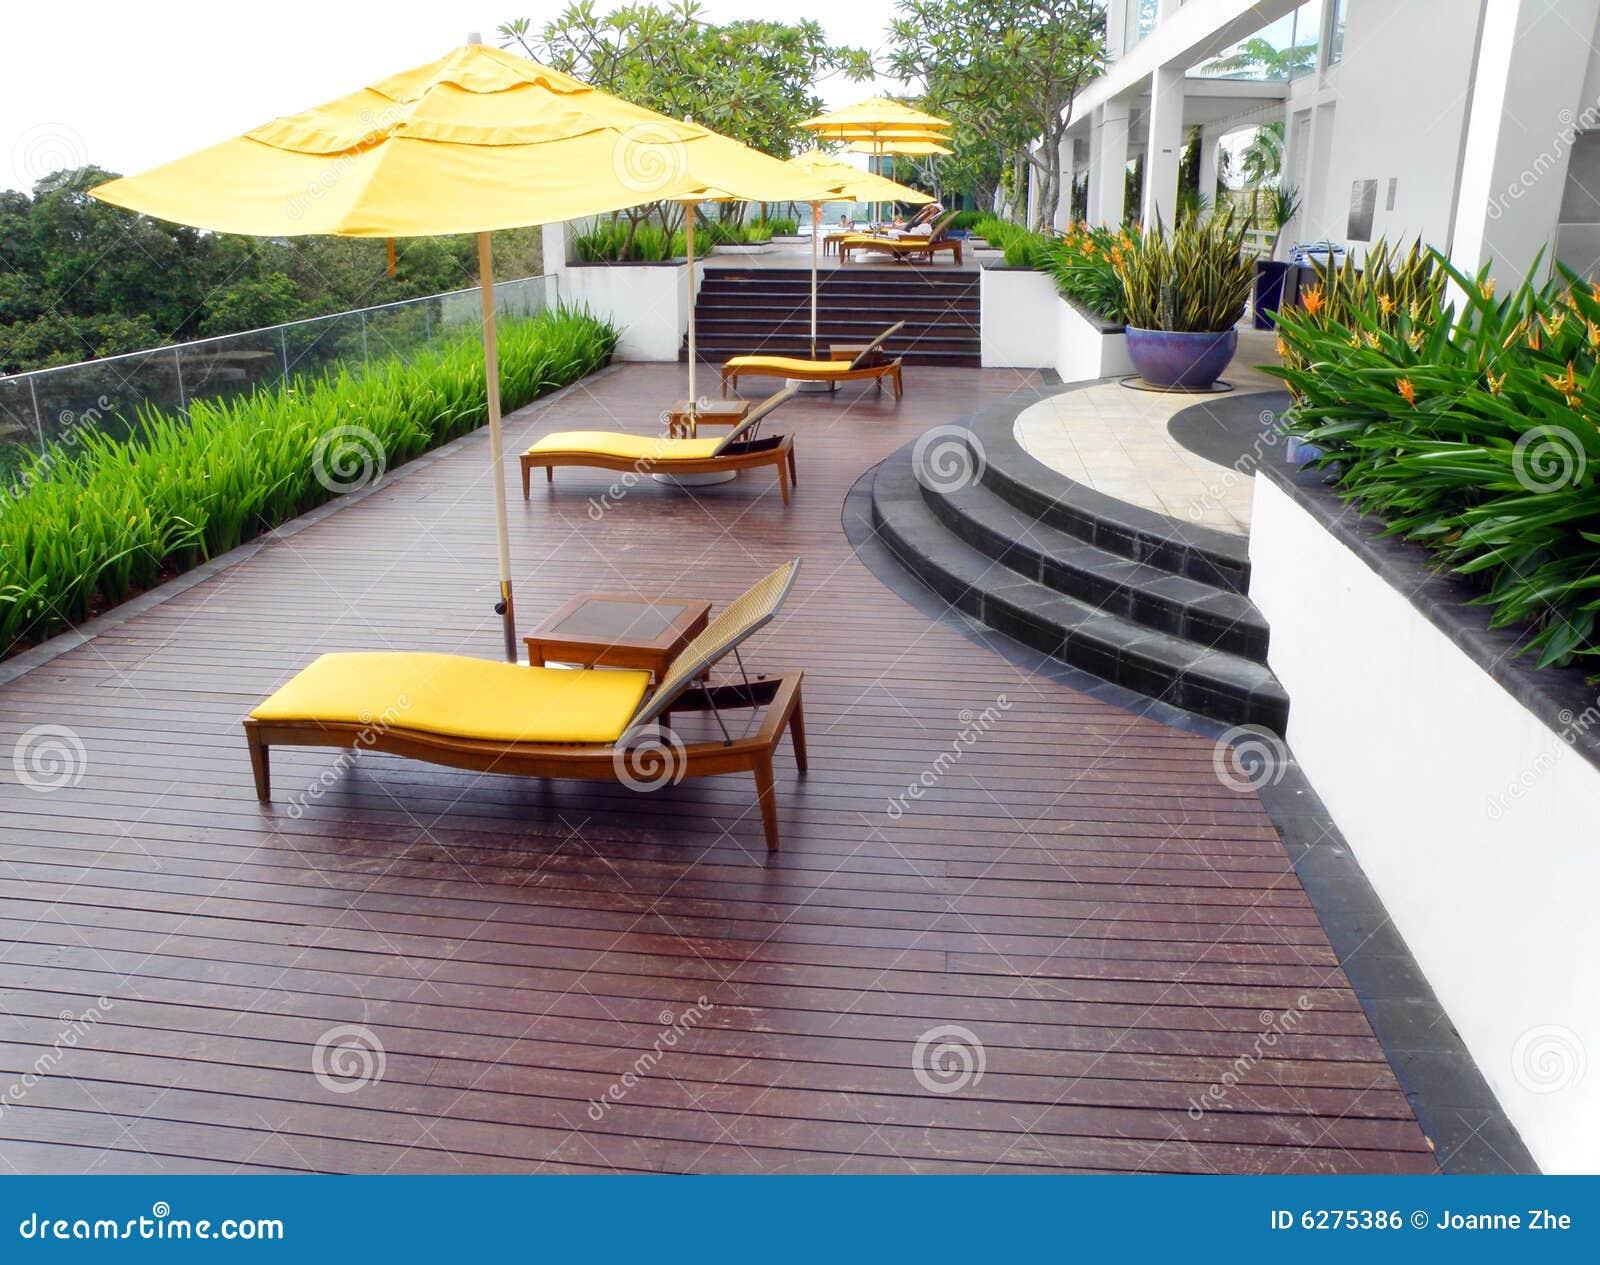 Giardino disegno Tetto : Disegno Superiore Del Giardino Del Tetto Immagine Stock Libera da ...